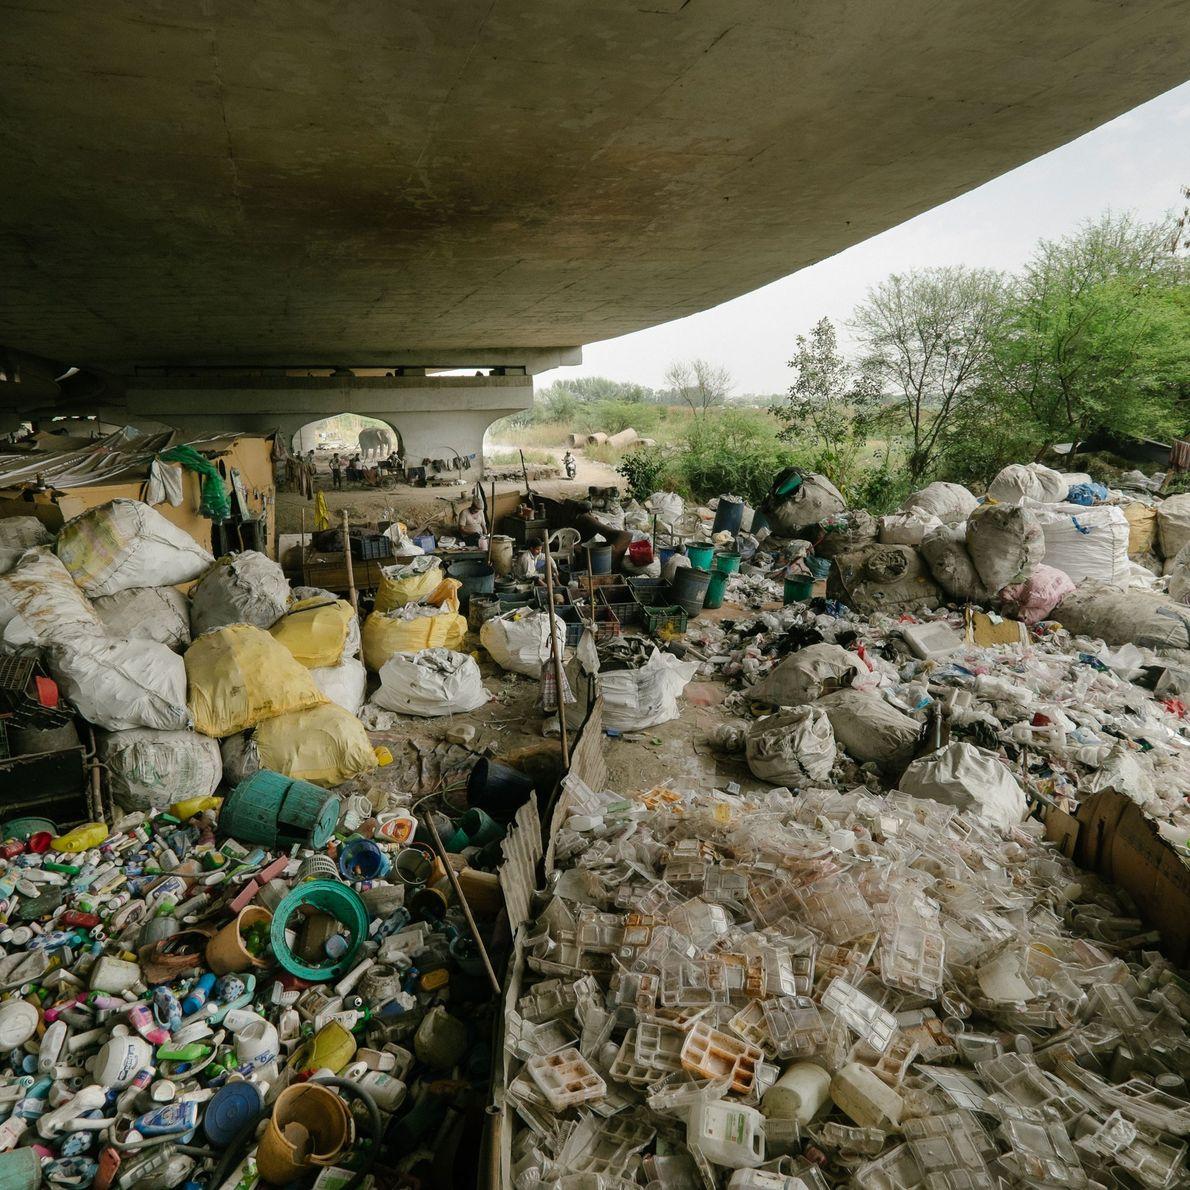 Fotografia de recicladores que moram debaixo da ponte da estrada Grand Trunk.